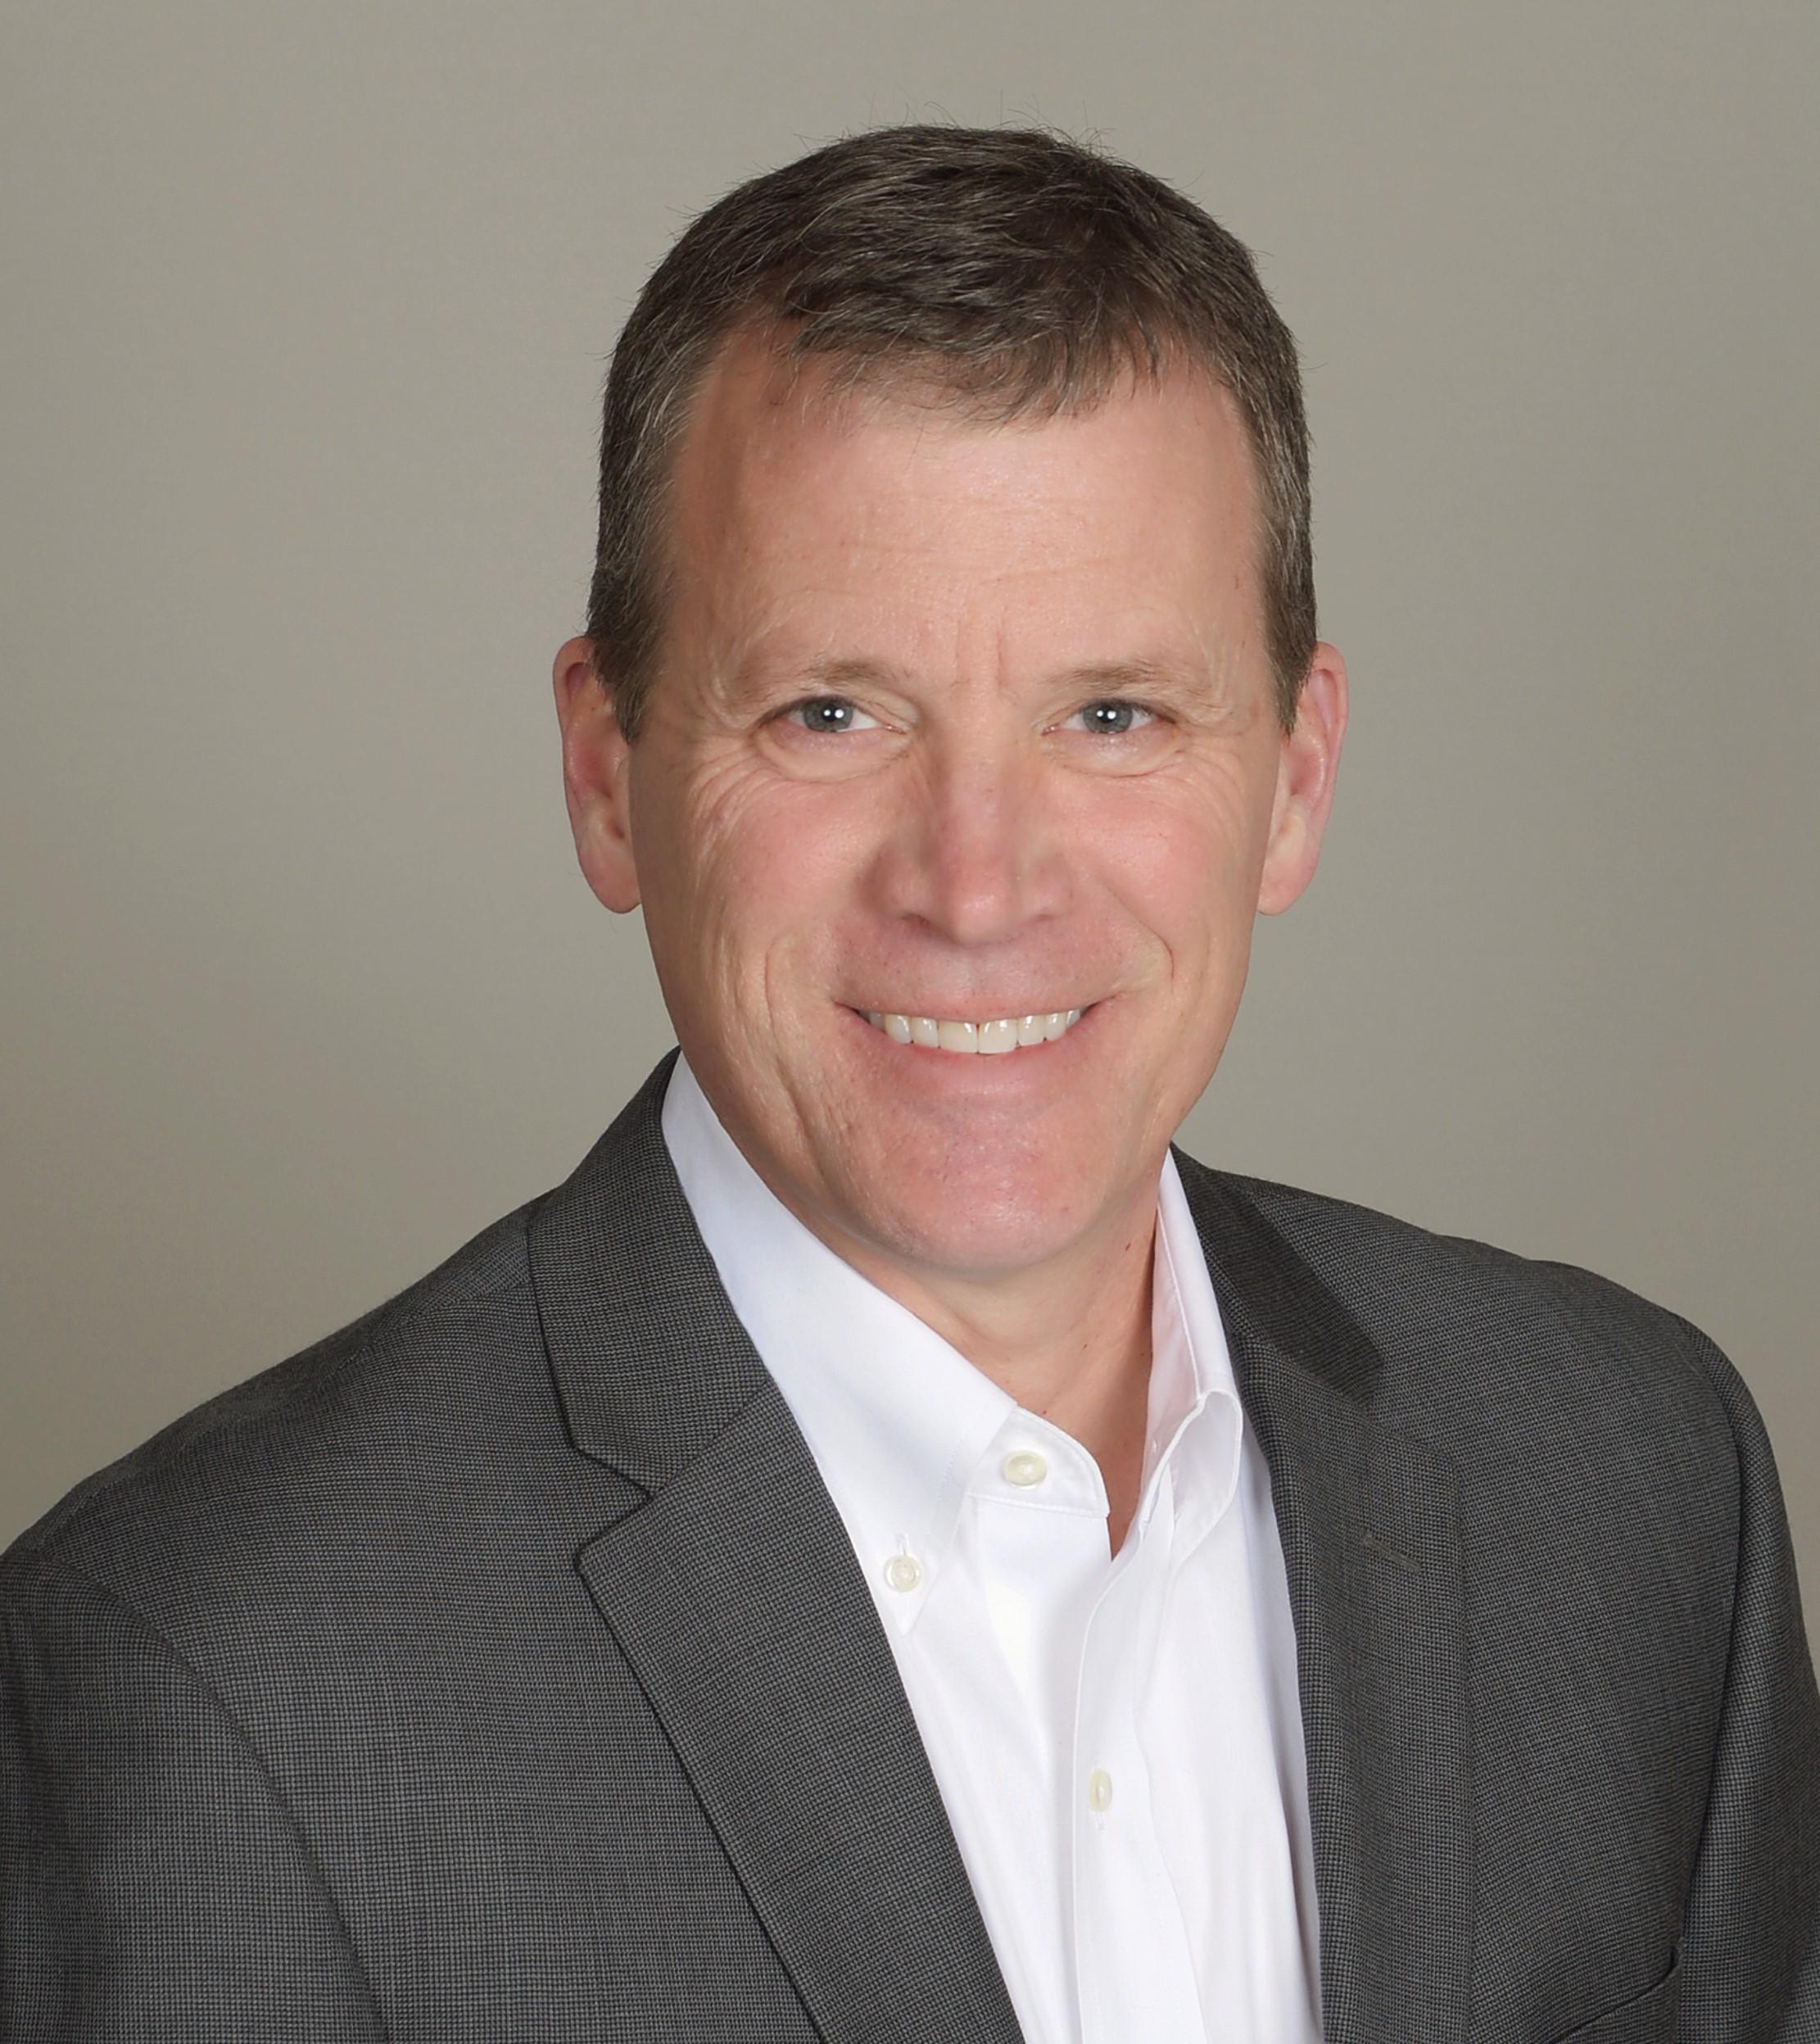 Neal Dellett